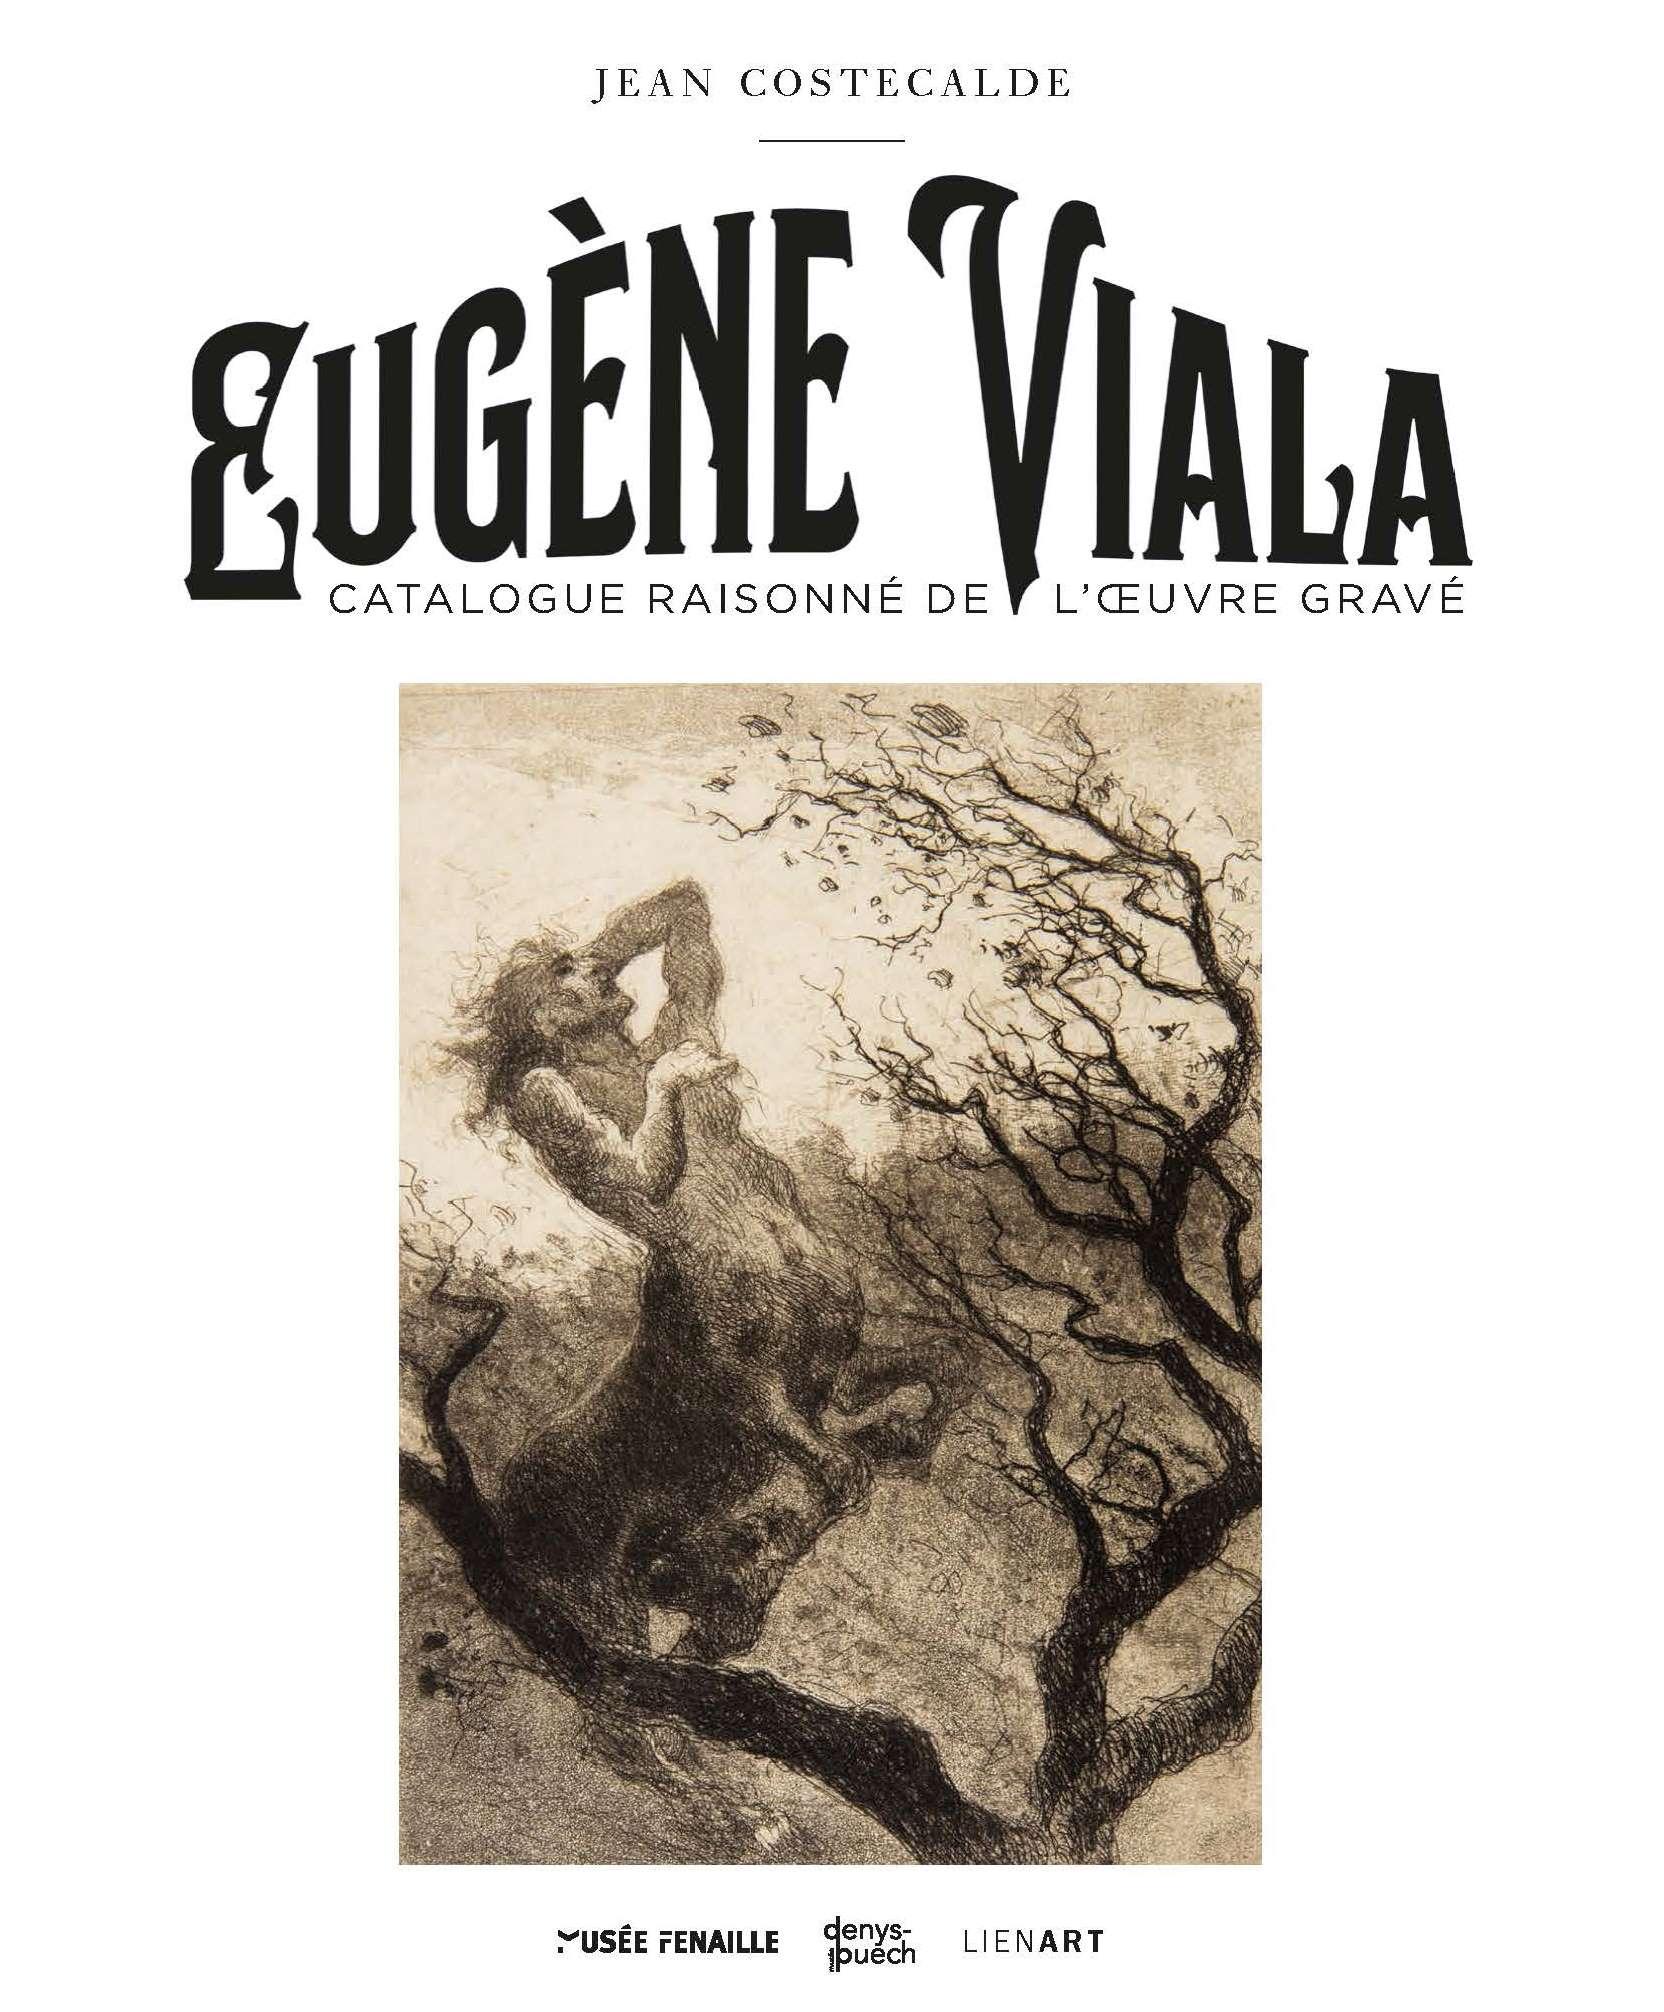 Catalogue raisonné de l'œuvre gravé d'Eugène Viala